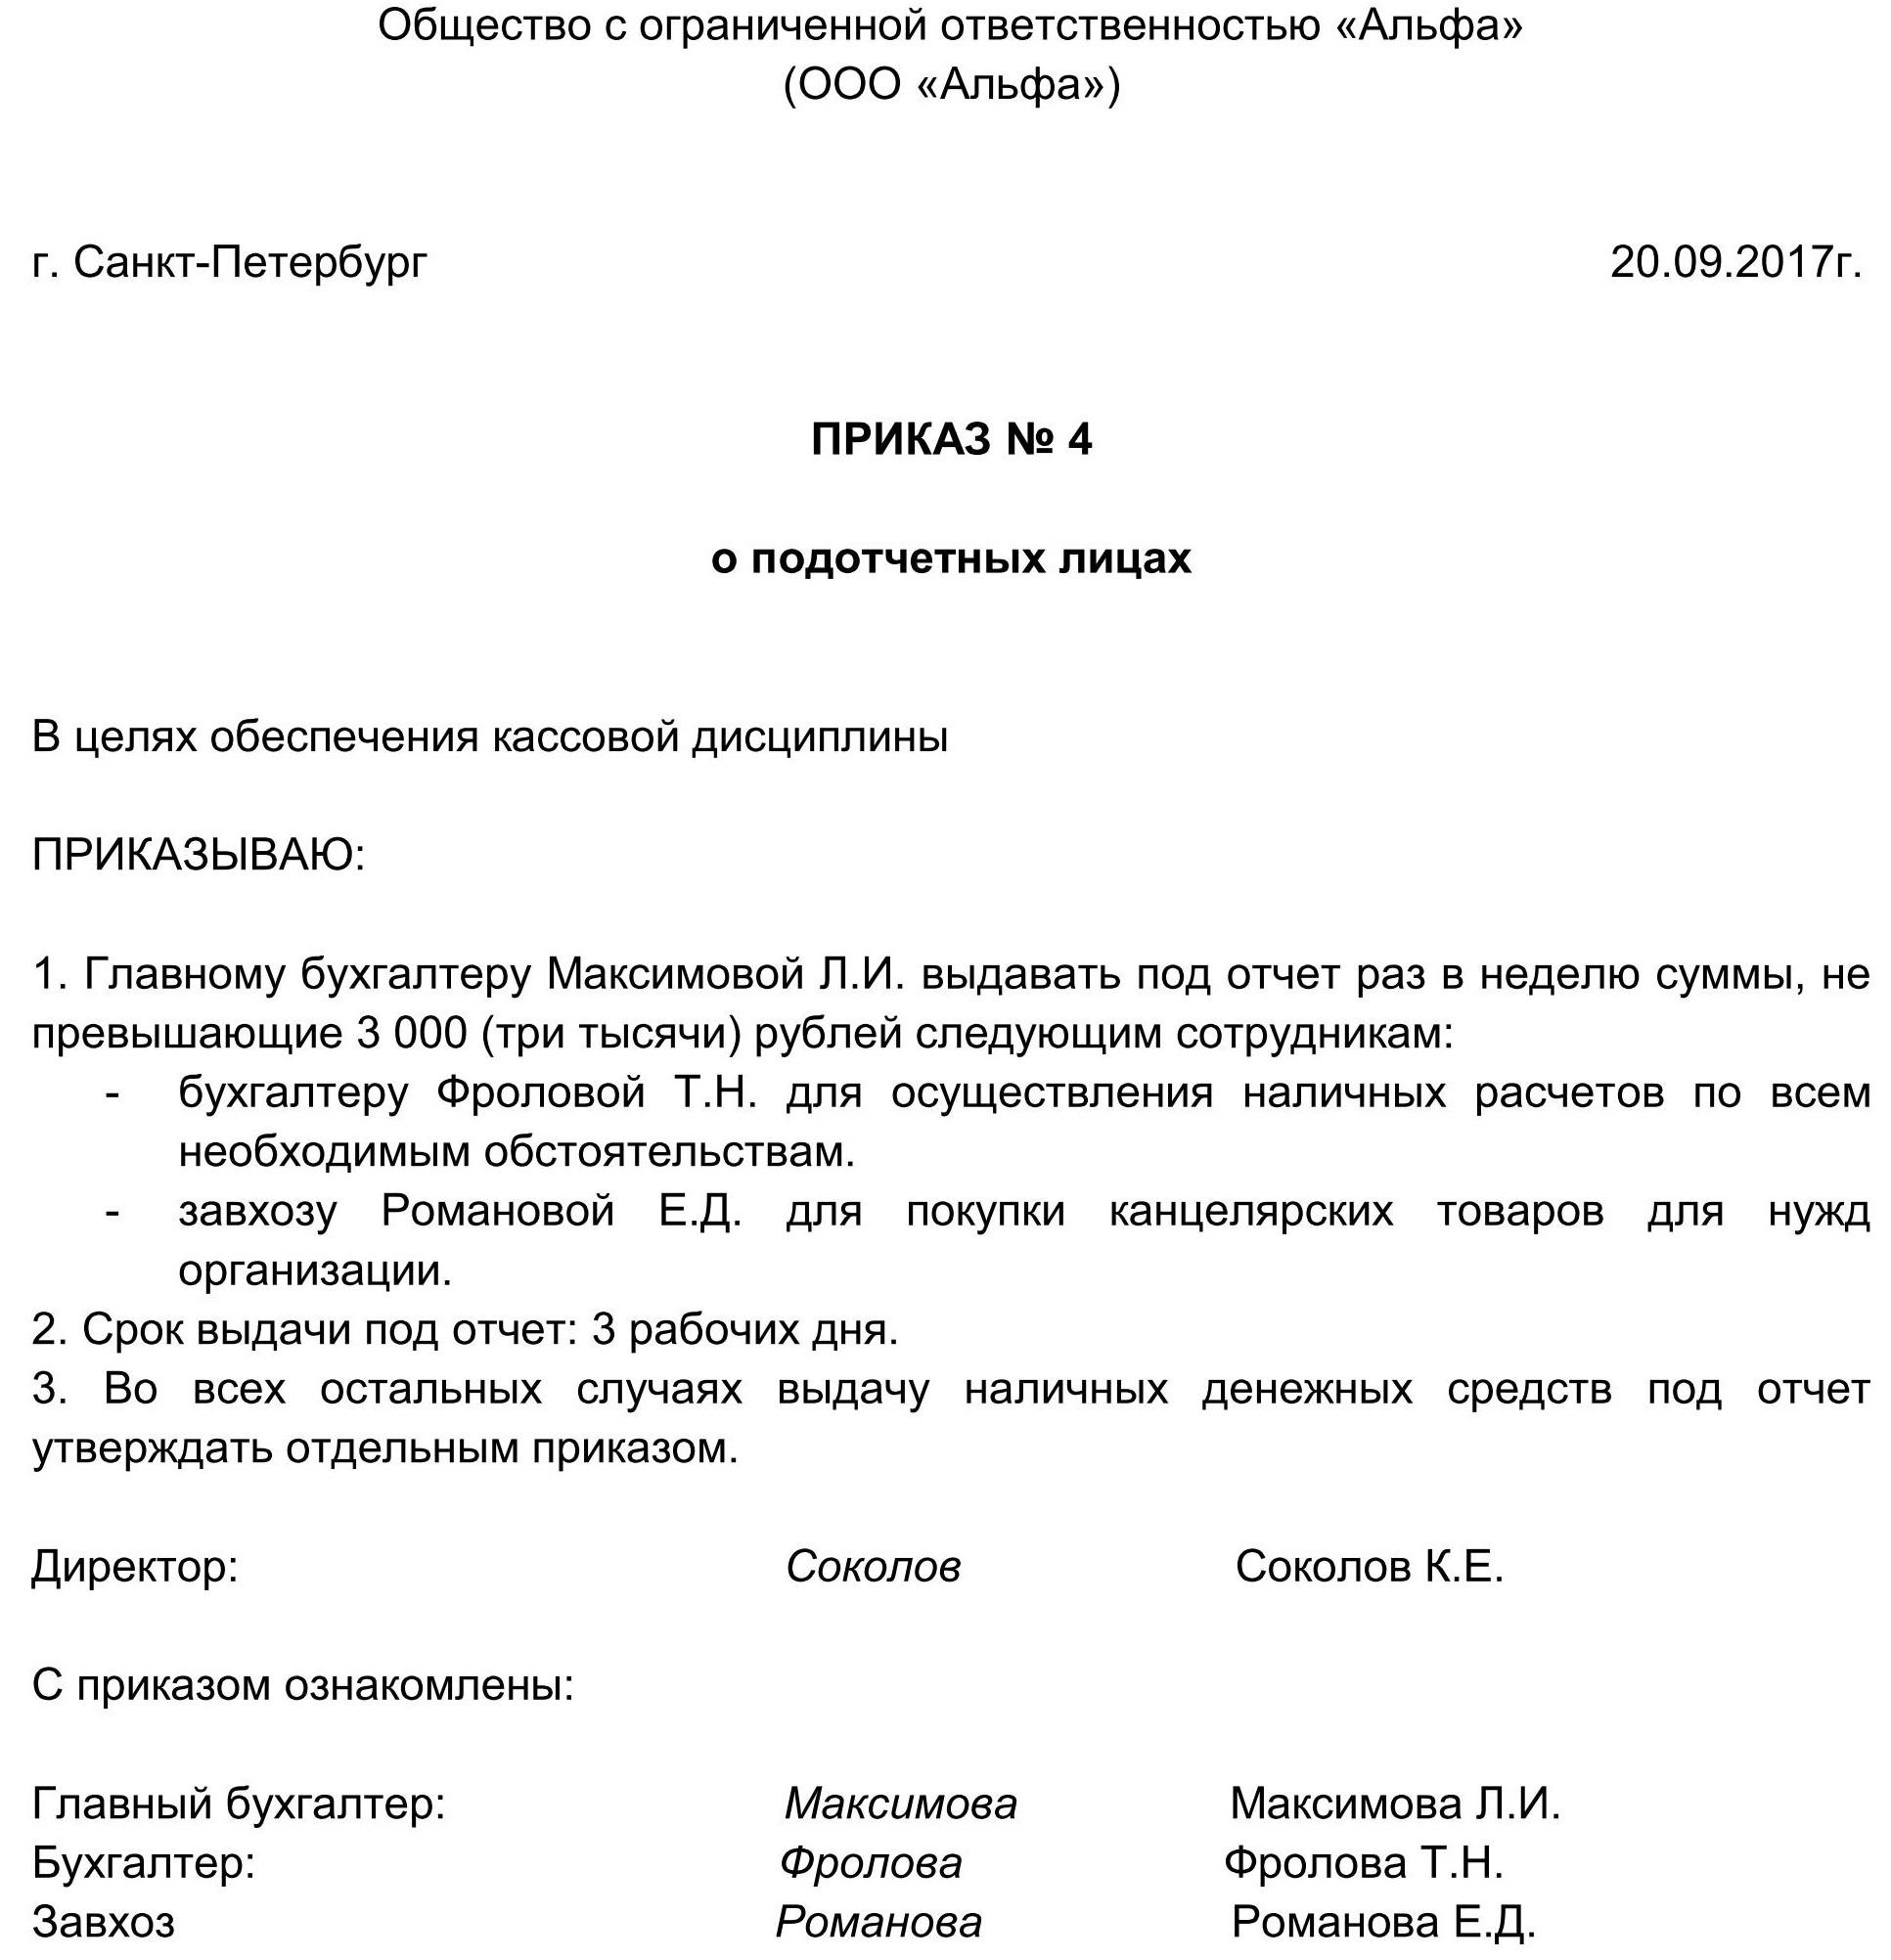 Перечень документов для уведомления о регистрации гражданина узбекистана в рф